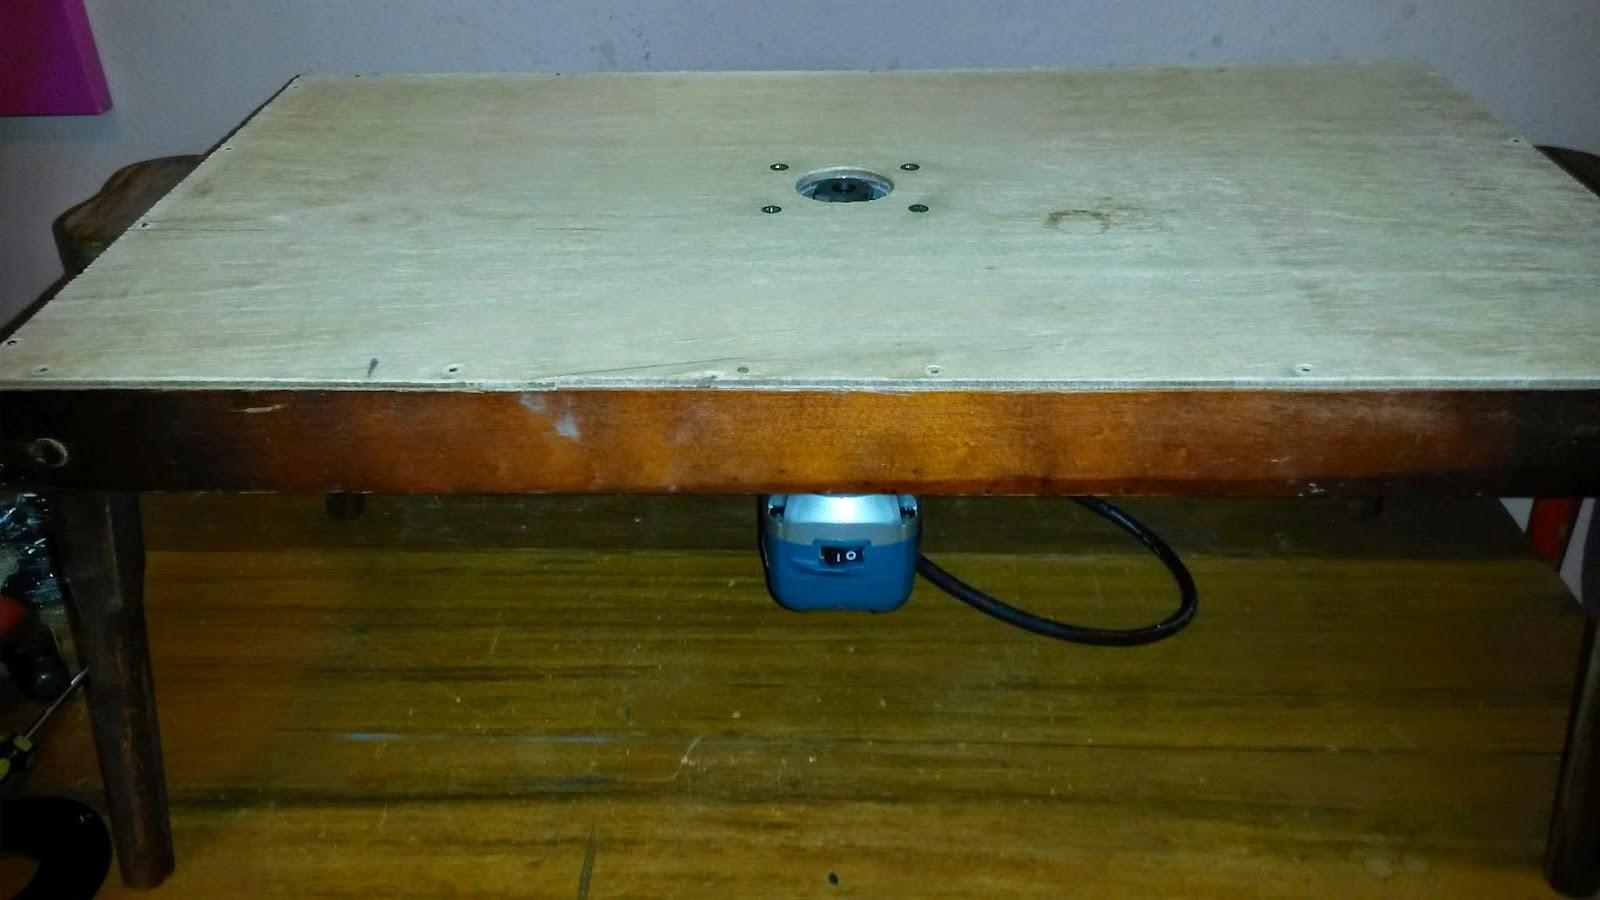 Oficina do Quintal: Como fazer uma bancada para Tupia #66480C 1600x900